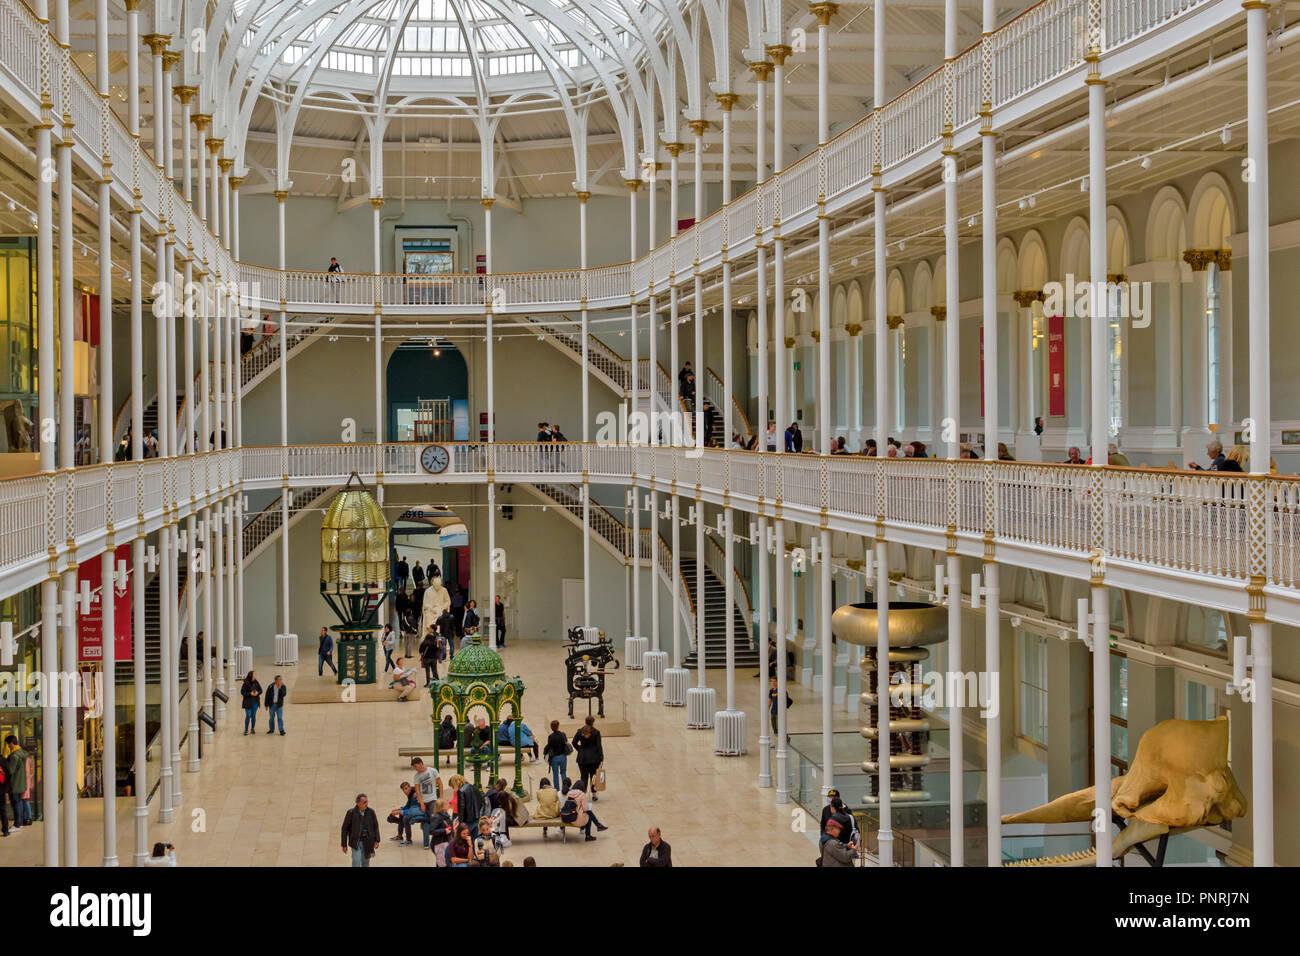 Musée NATIONAL D'ECOSSE EDIMBOURG ECOSSE INTÉRIEUR AVEC BALCONS ET LES VISITEURS Photo Stock